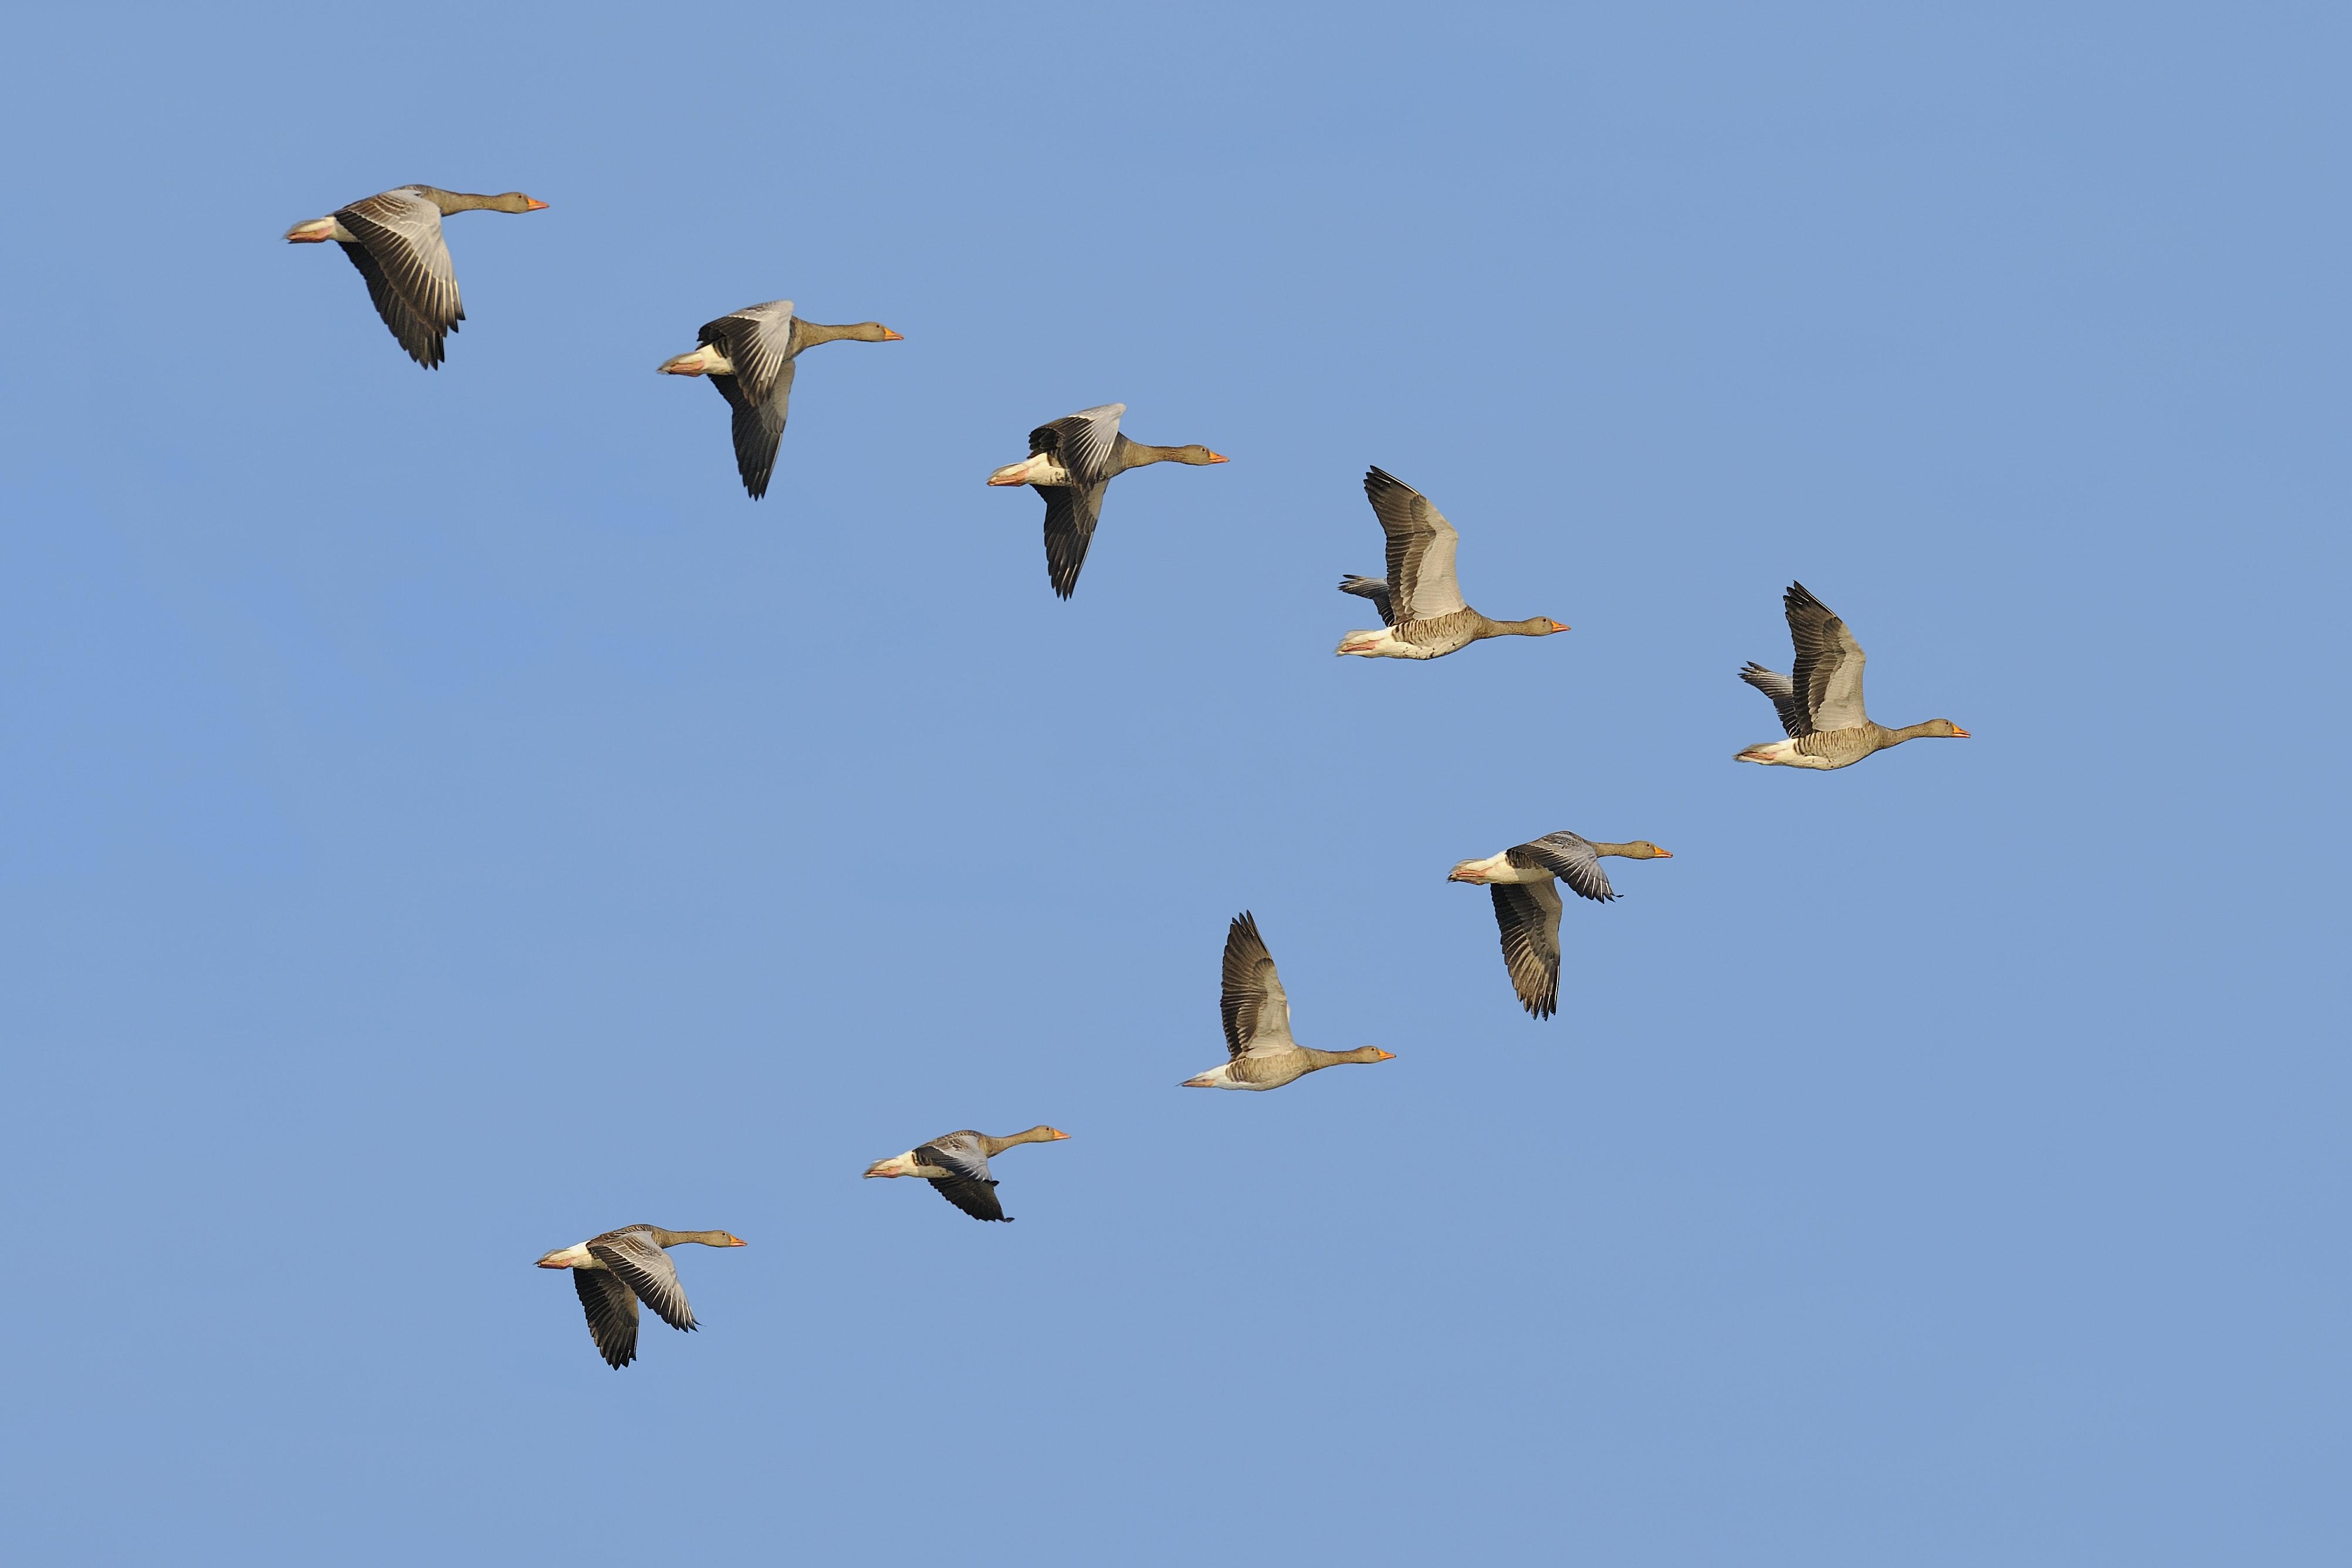 Como os gansos sabem voar para o sul no inverno?